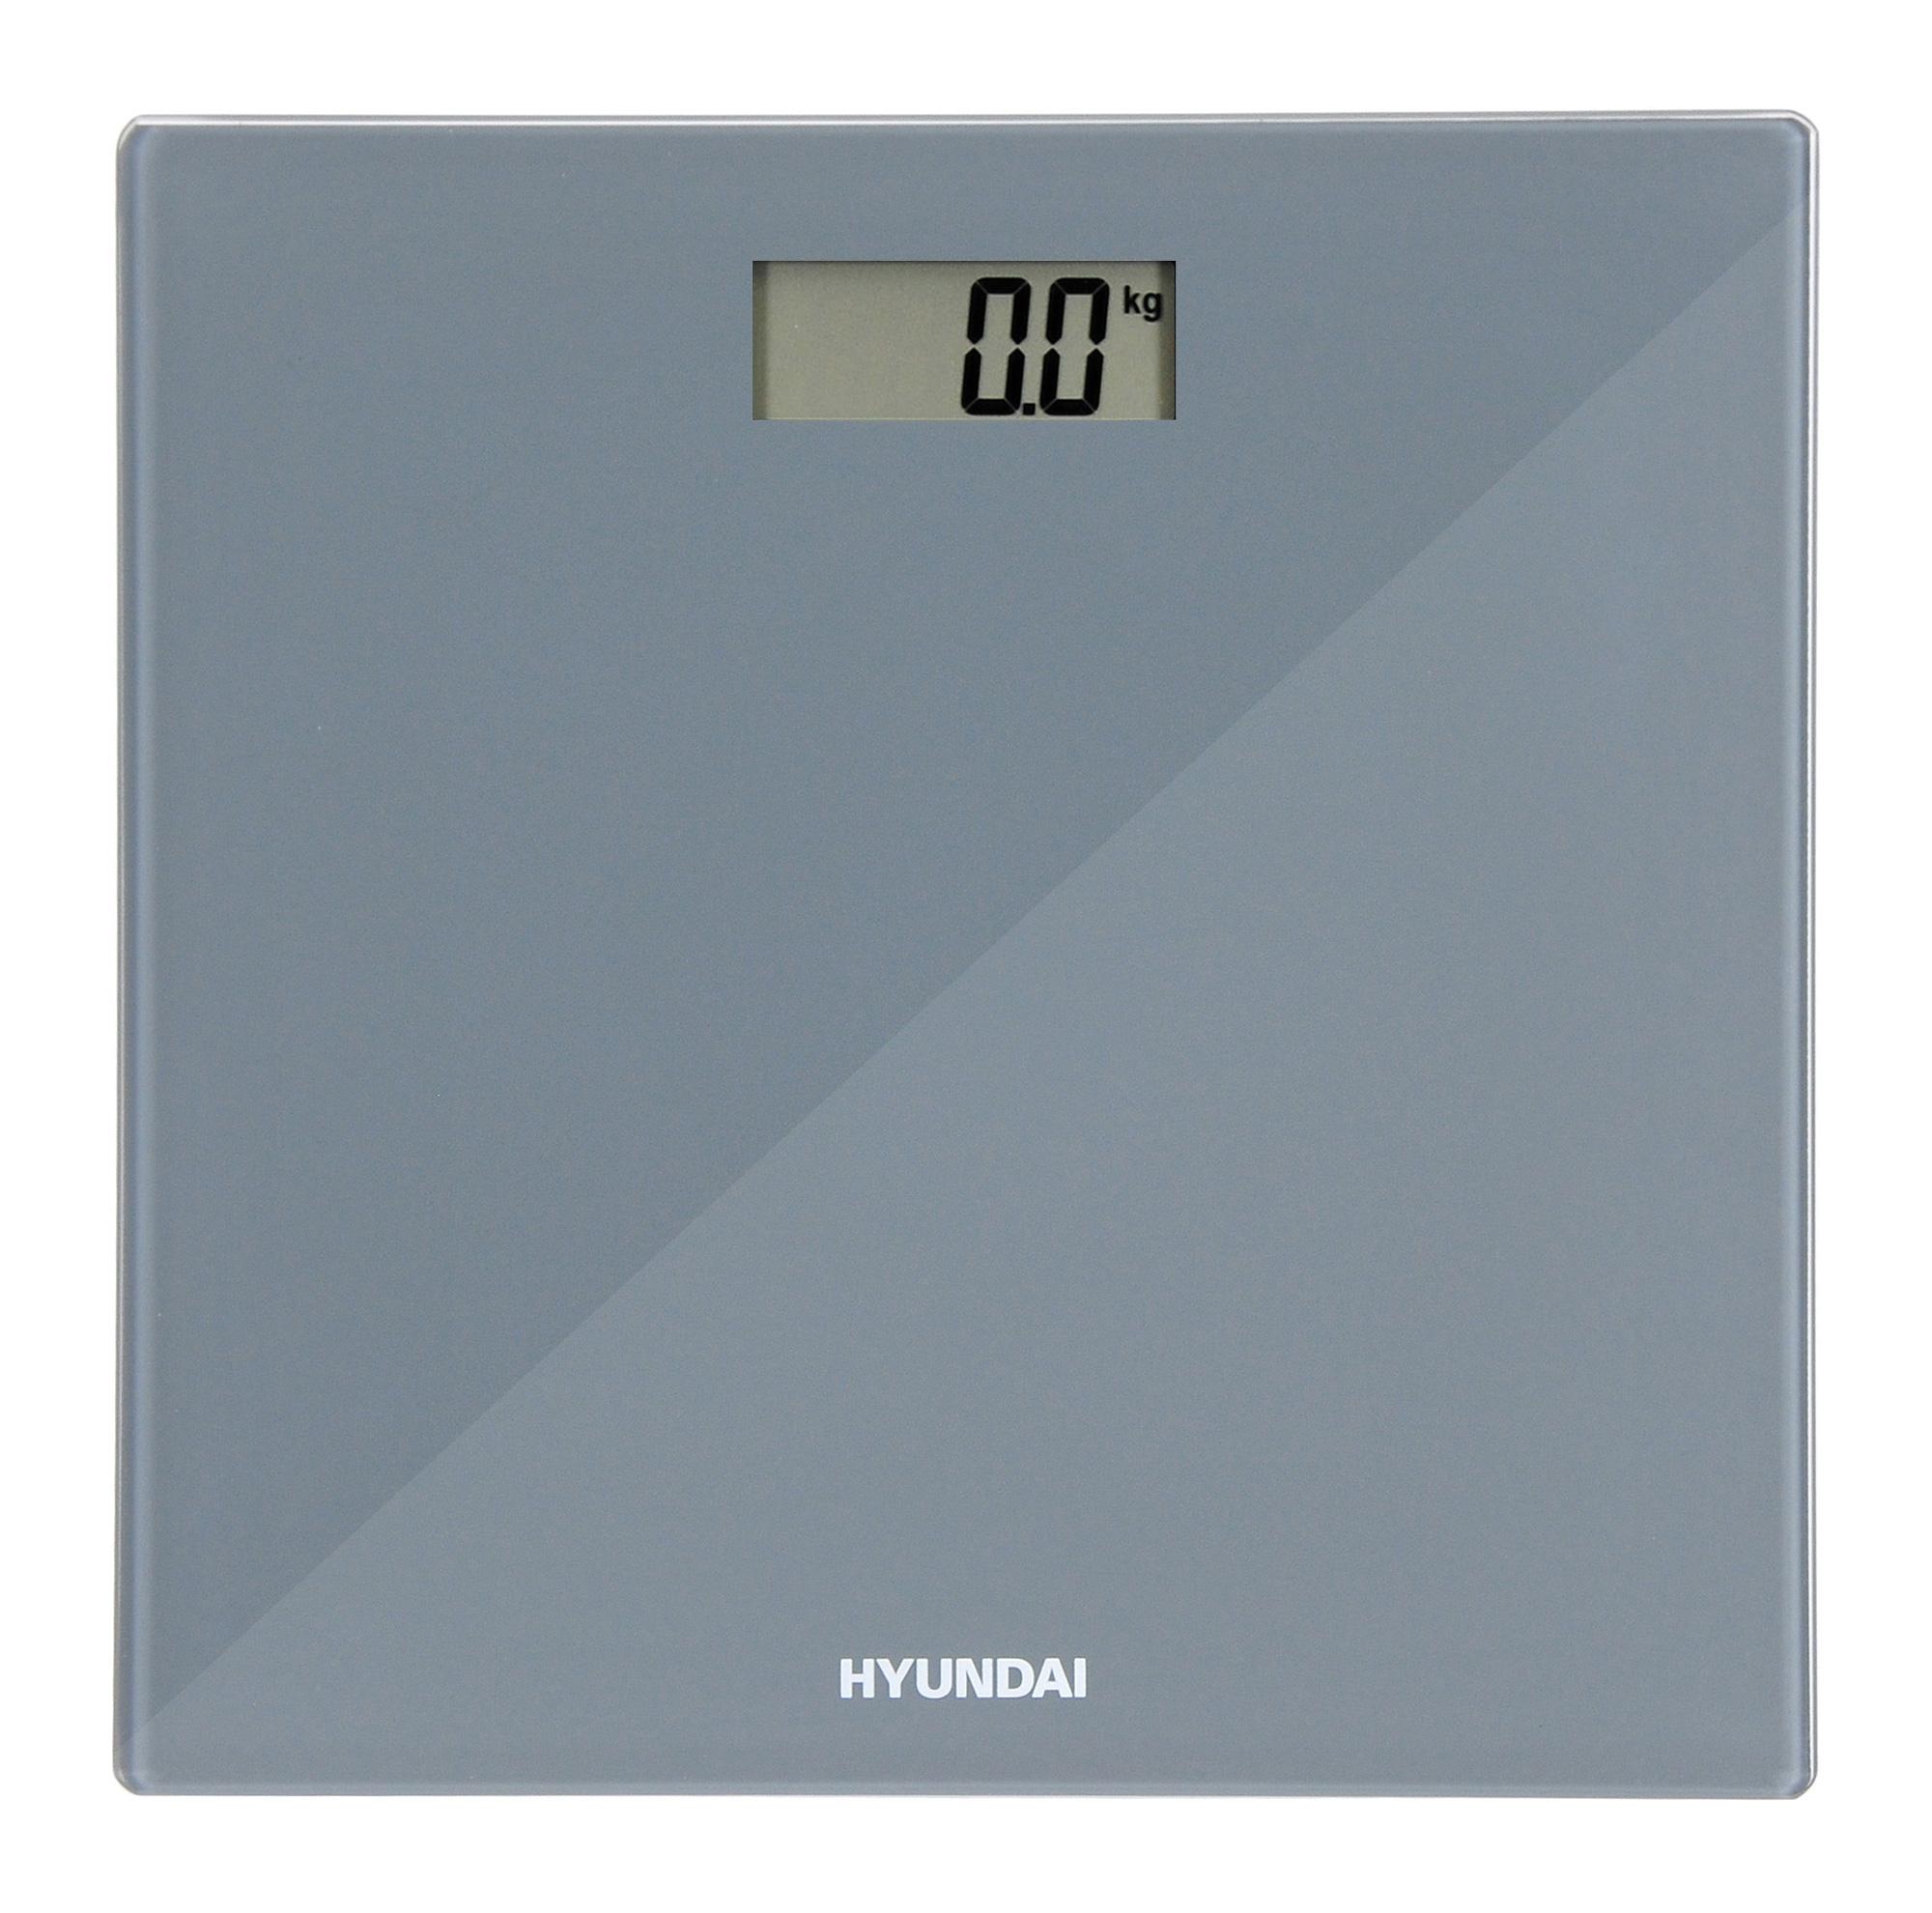 Весы напольные Hyundai H BS03345 Grey